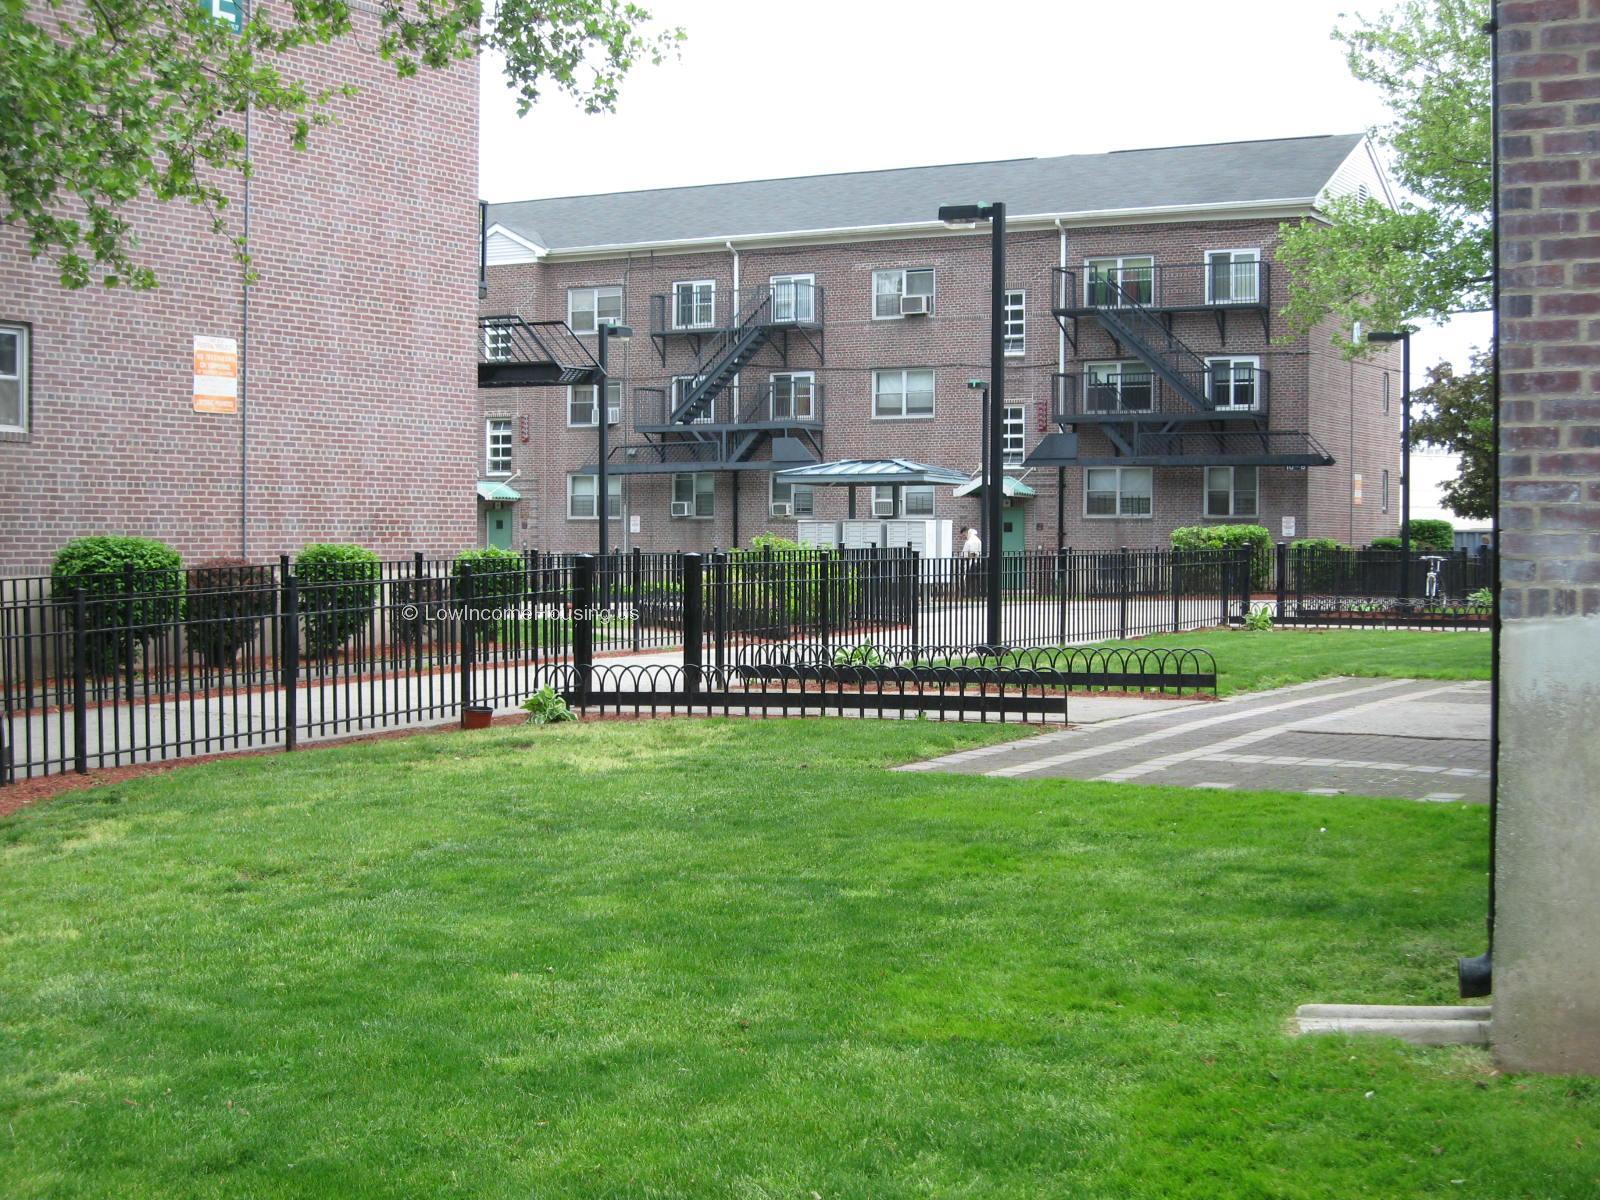 Mravlag Manor 688 Maple Avenue Elizabeth Nj 07202 Lowincomehousing Us